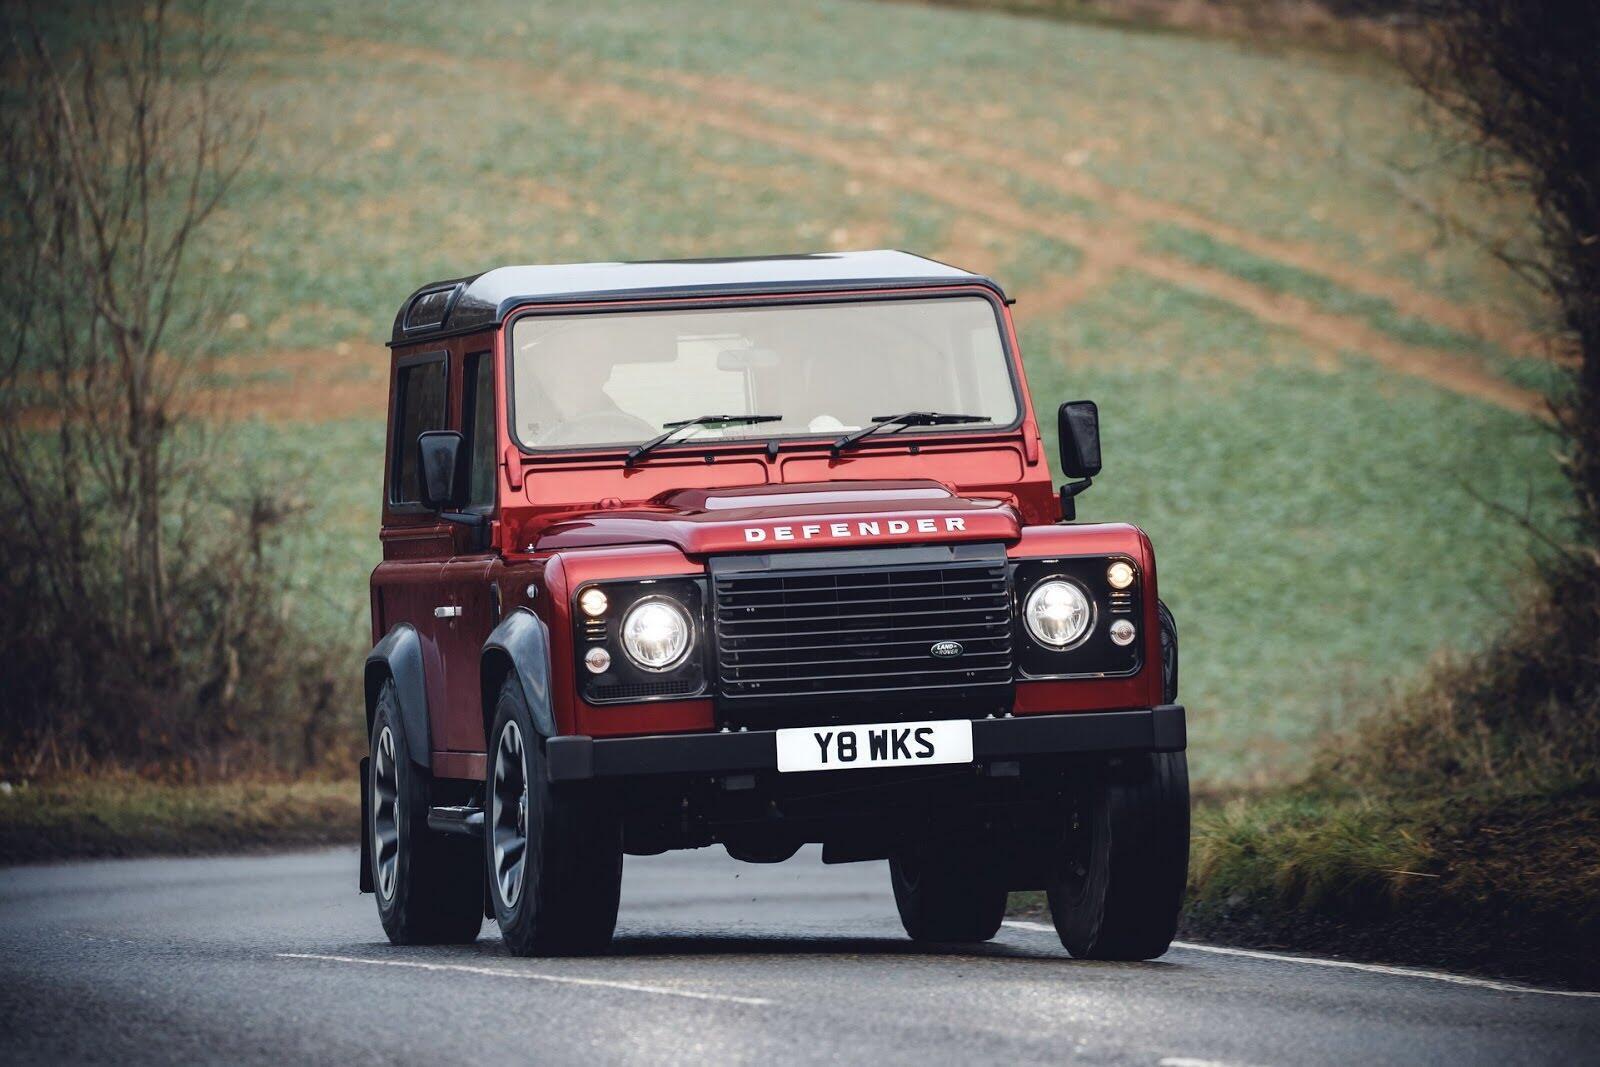 Land Rover Defender phiên bản kỷ niệm 70 năm ra mắt; chỉ 150 chiếc được sản xuất - Hình 2